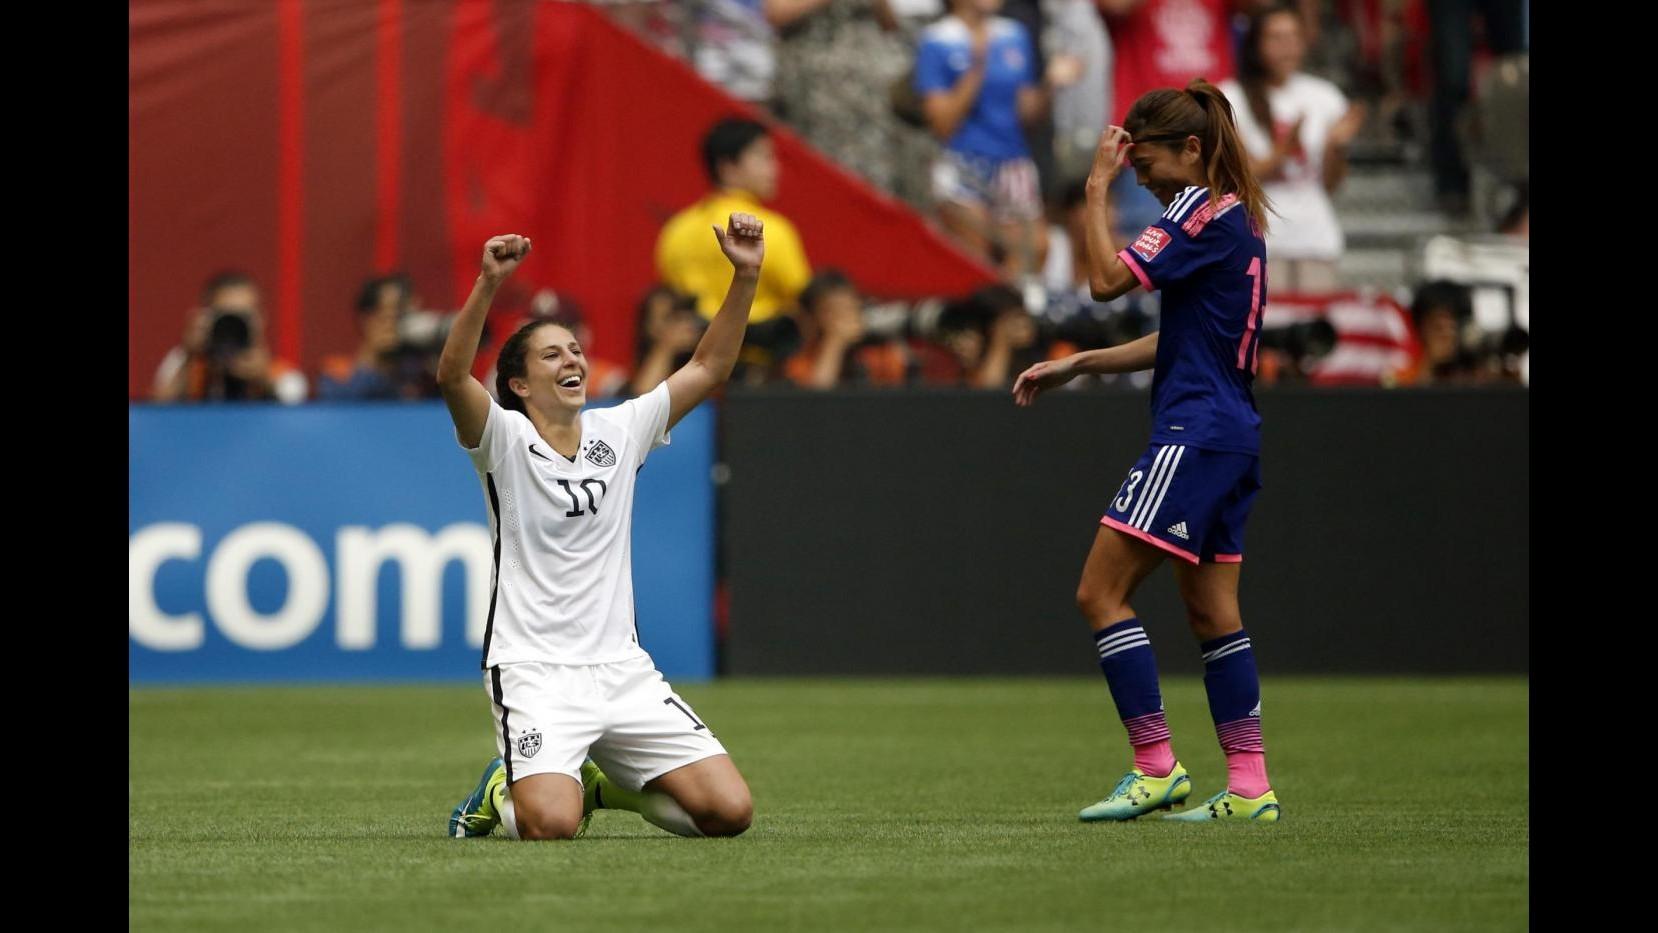 Calcio femminile, Stati Uniti campioni del mondo: Giappone battuto 5-2